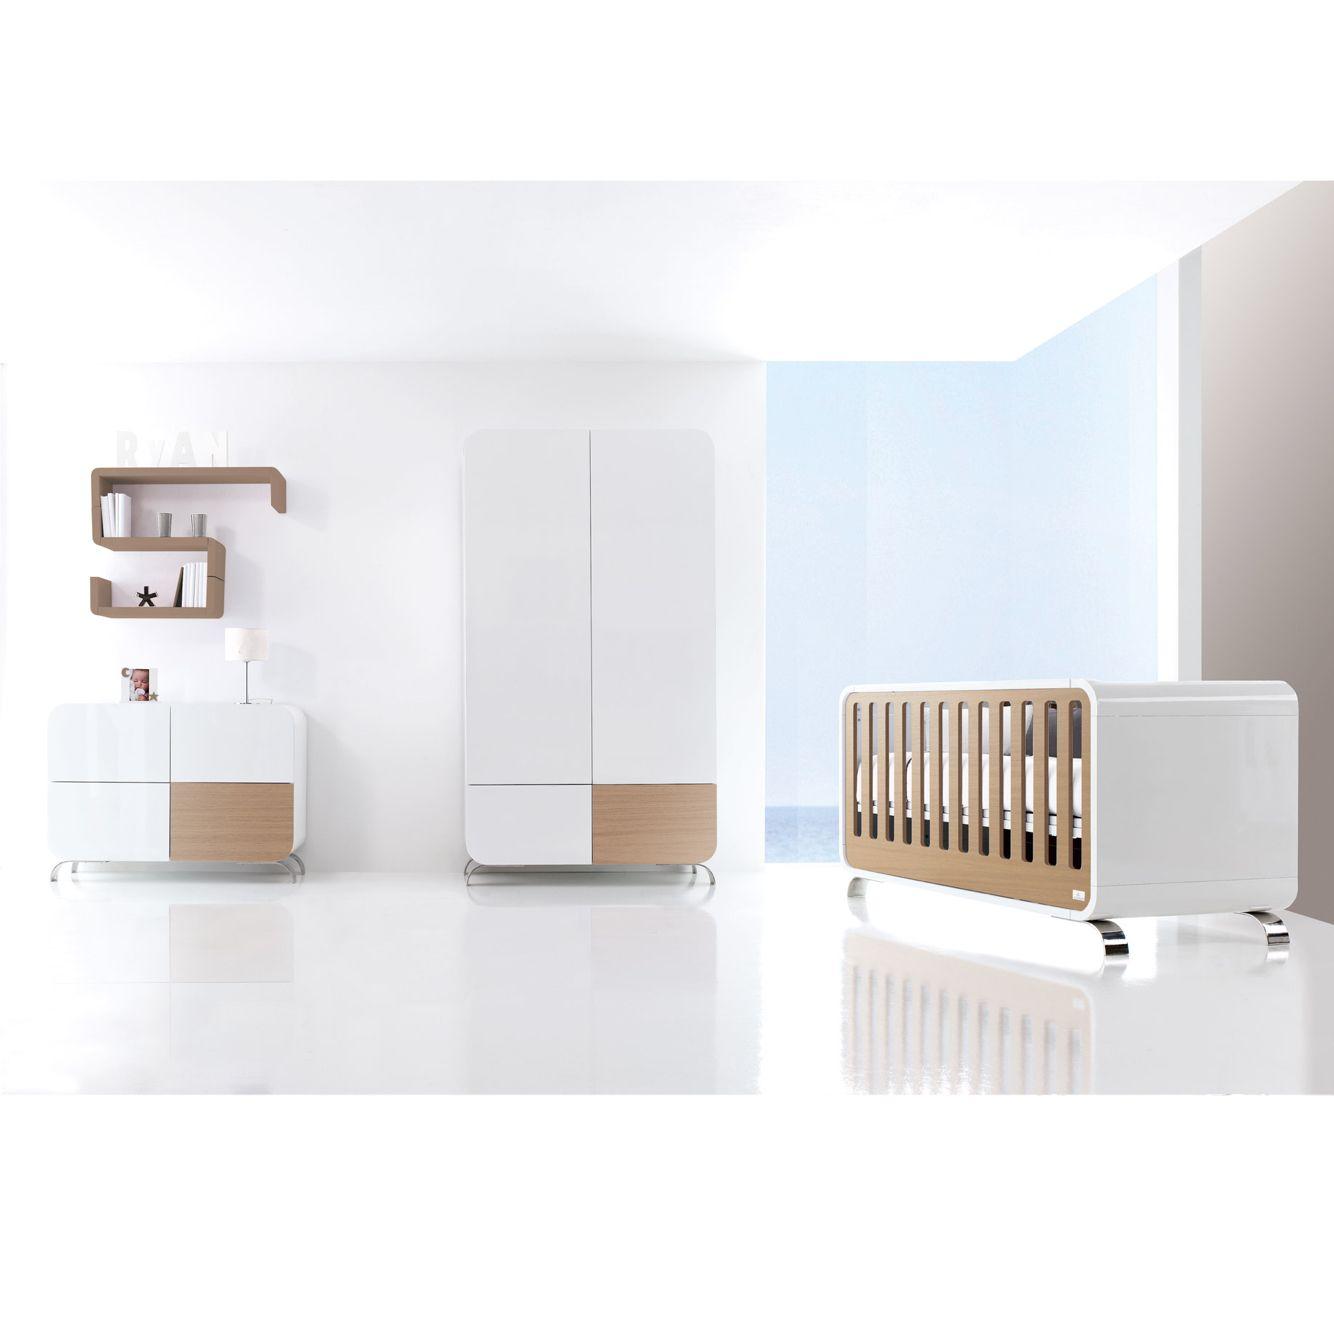 Habitaciones infantiles modernas y de diseño blancas combinadas con ...